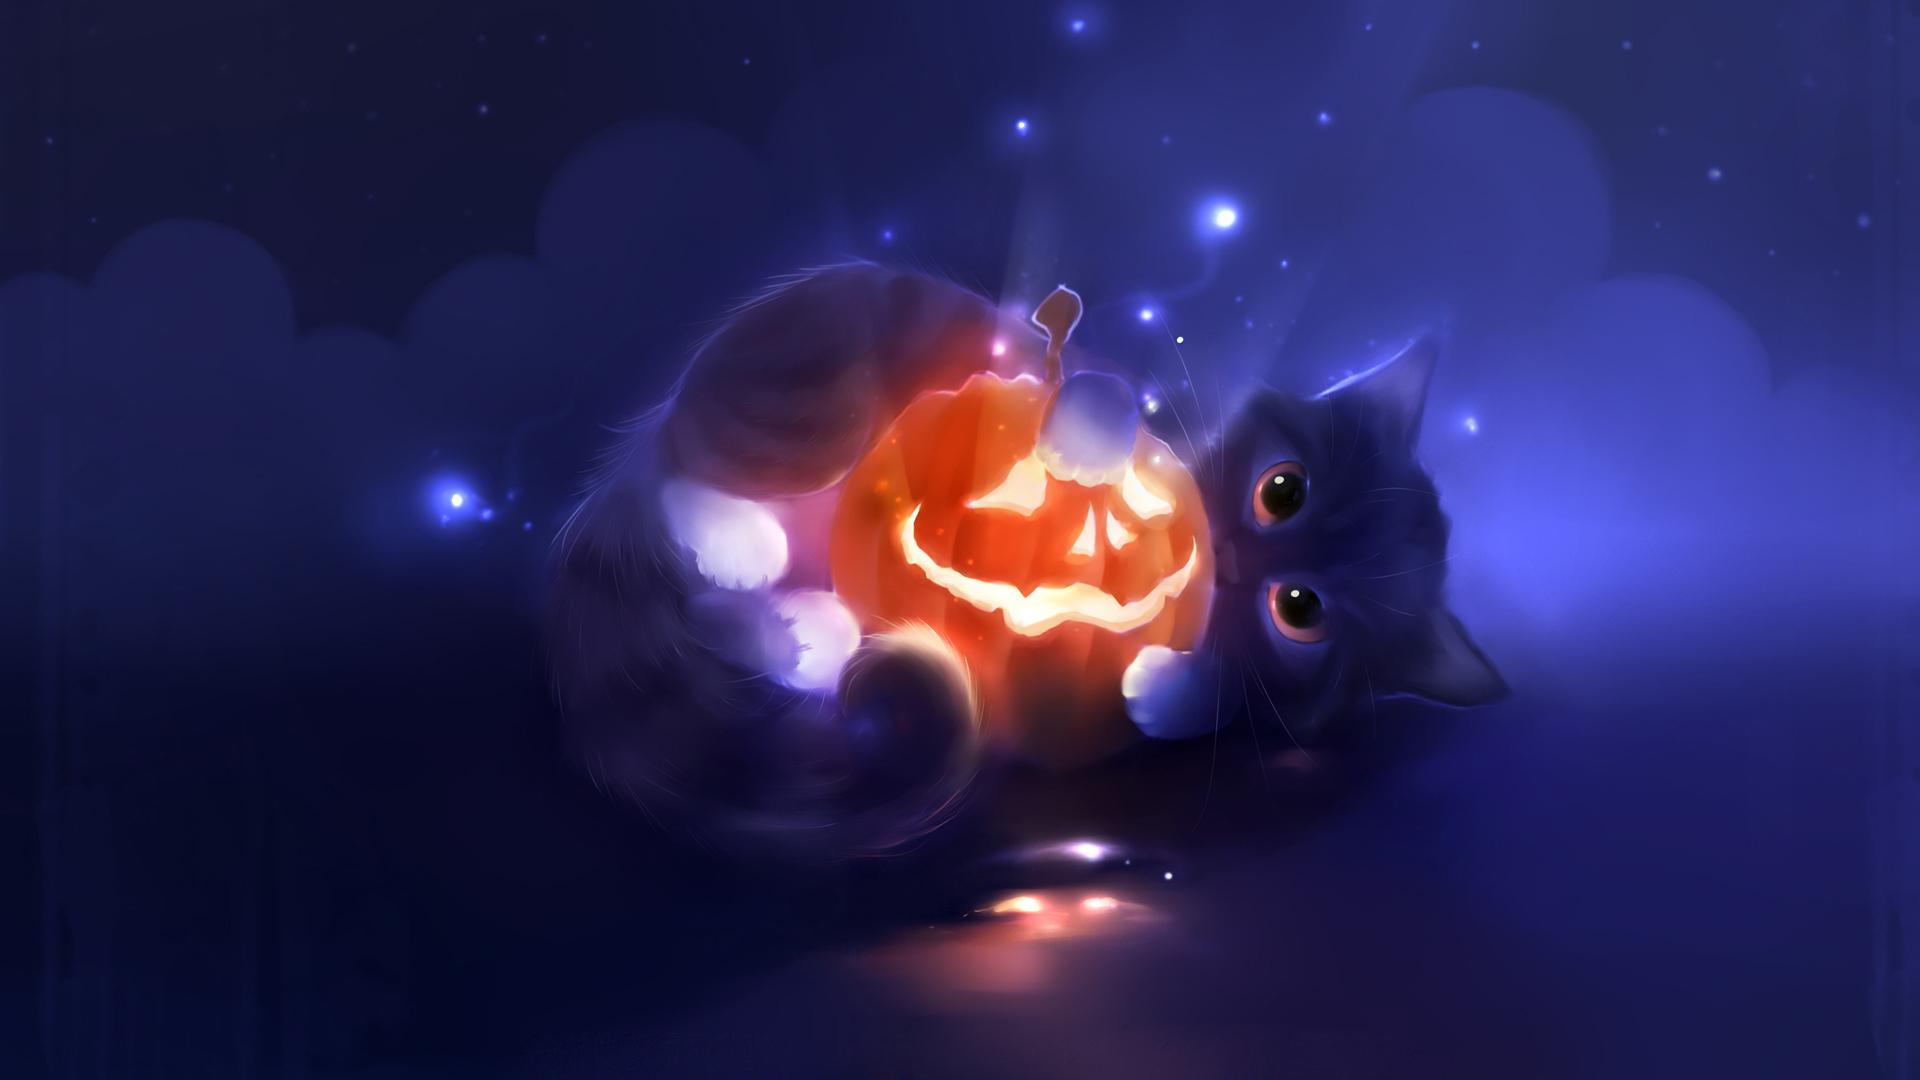 Cute Halloween Wallpaper 6784555 1920x1080